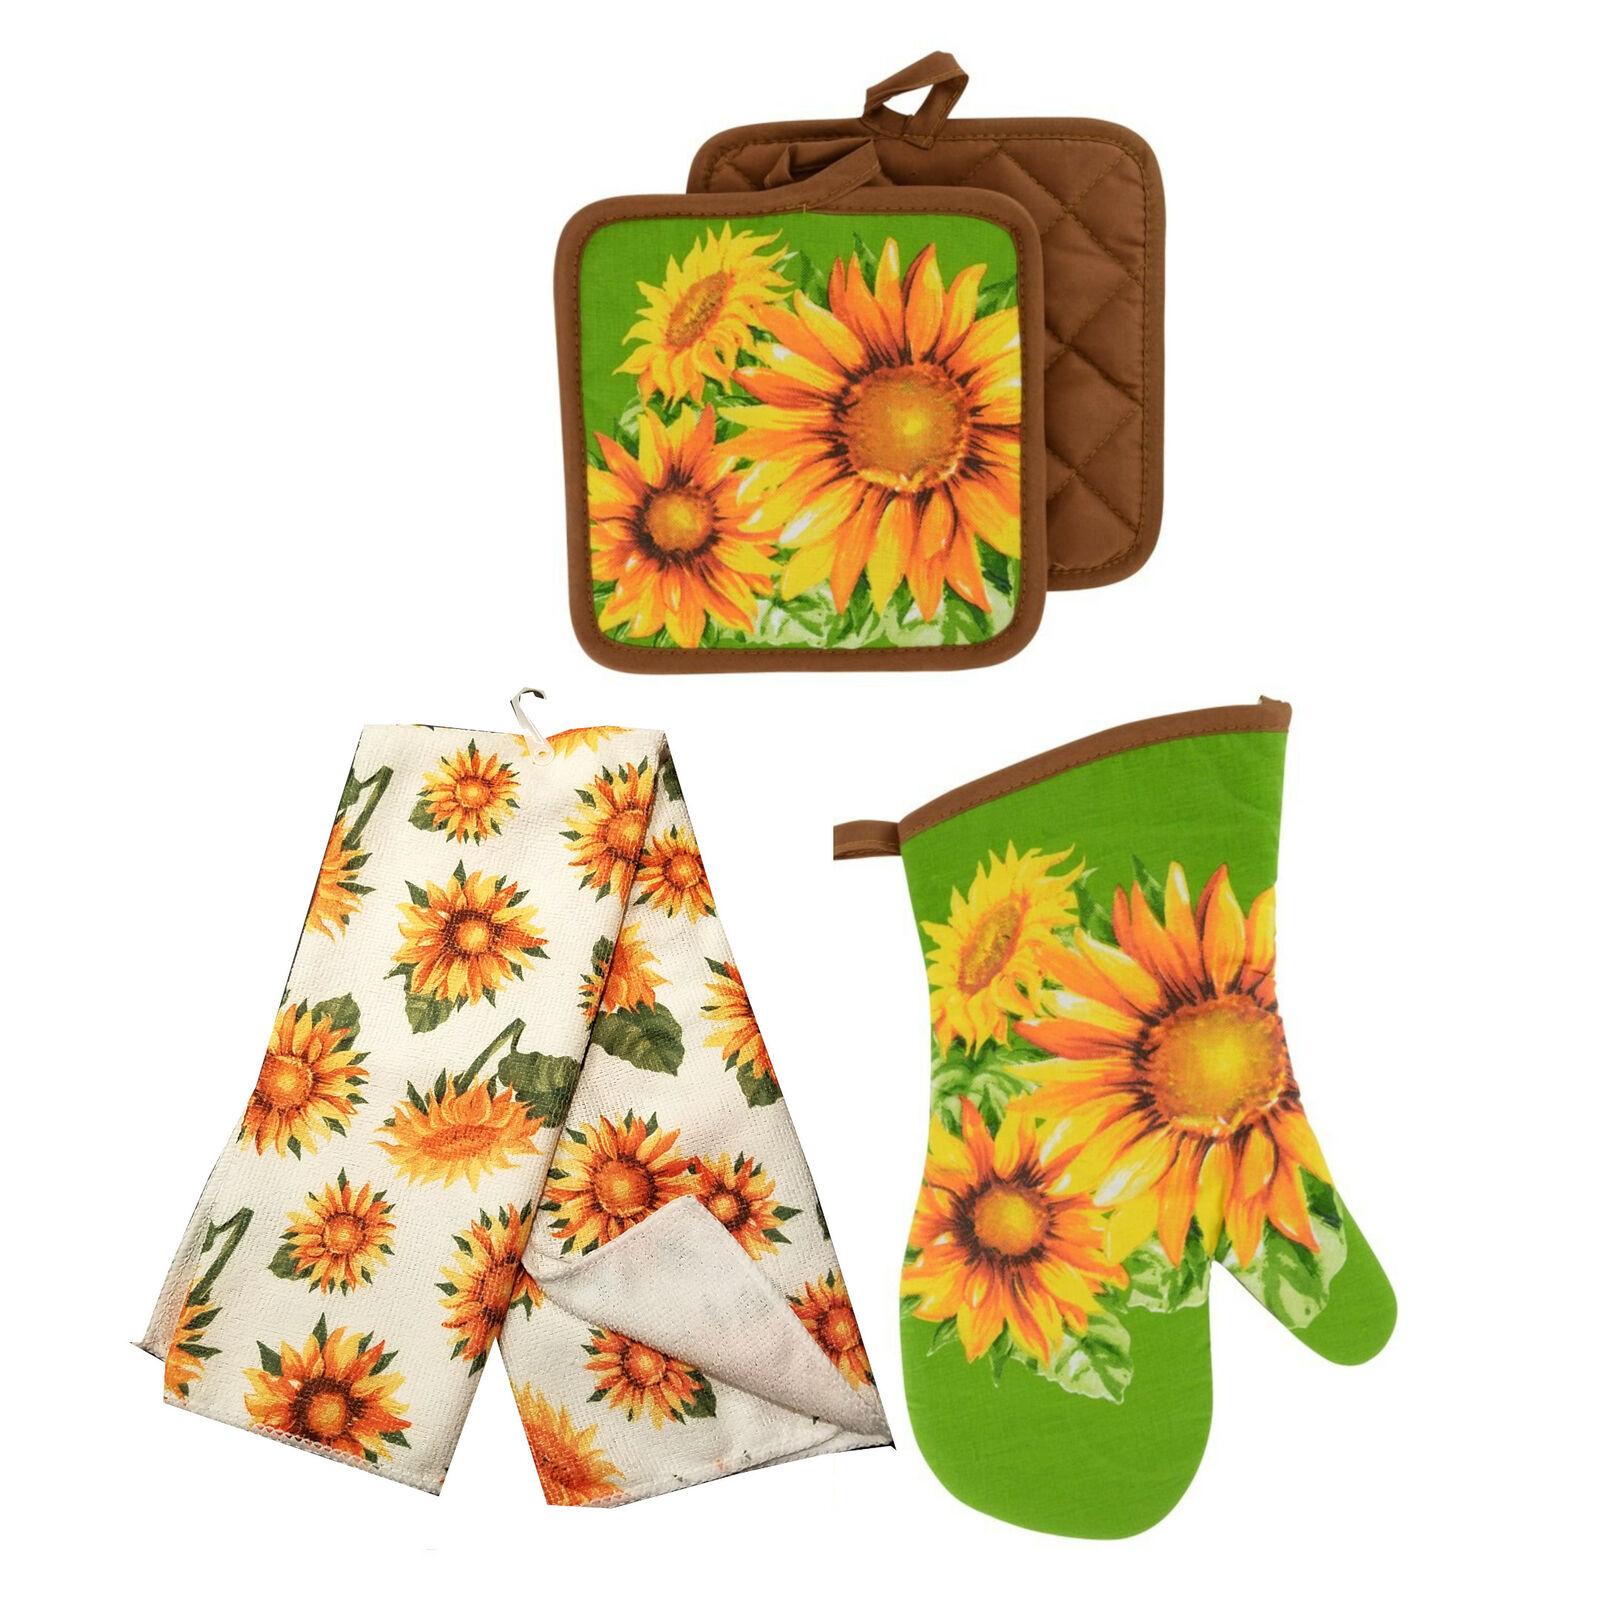 Sunflower Printed Kitchen Linens Kitchen Towel Oven Mitten P